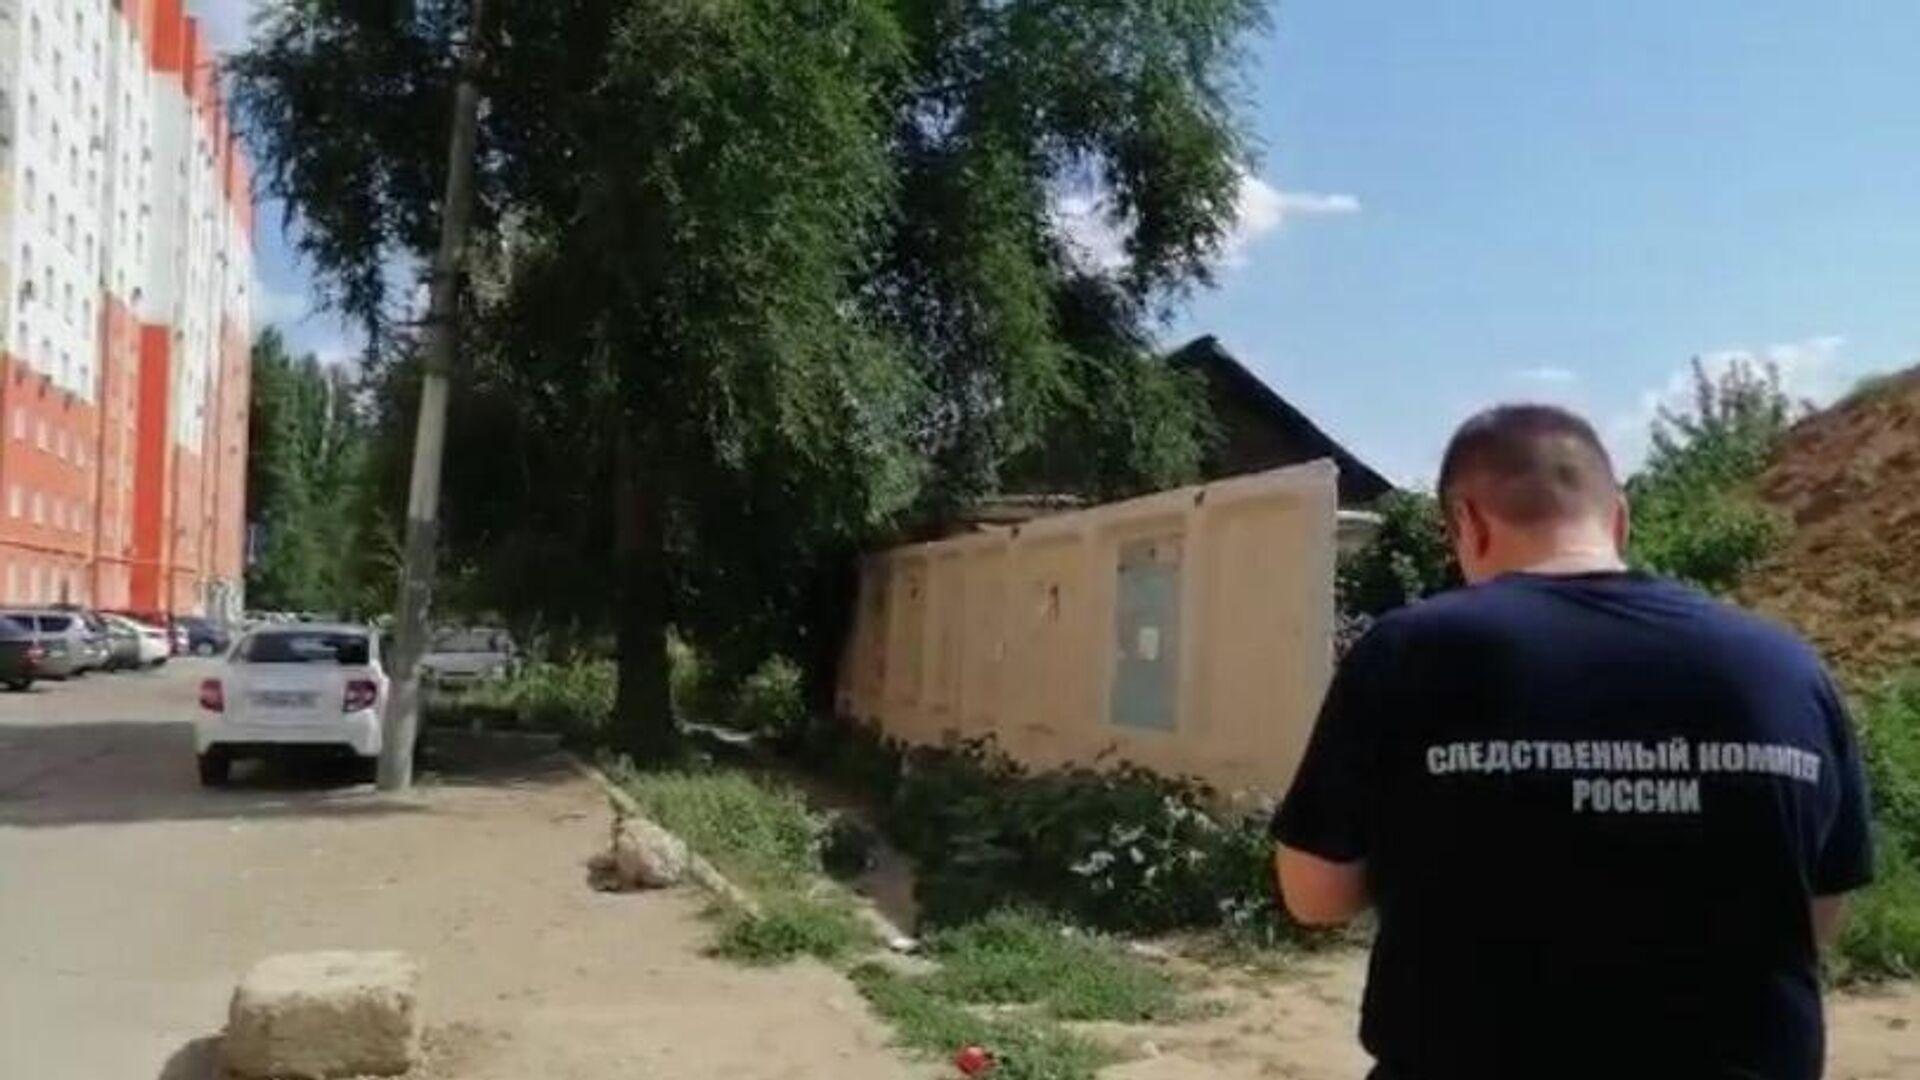 В Екатеринбурге женщина убила новорожденного сына и выкинула в мусорный бак